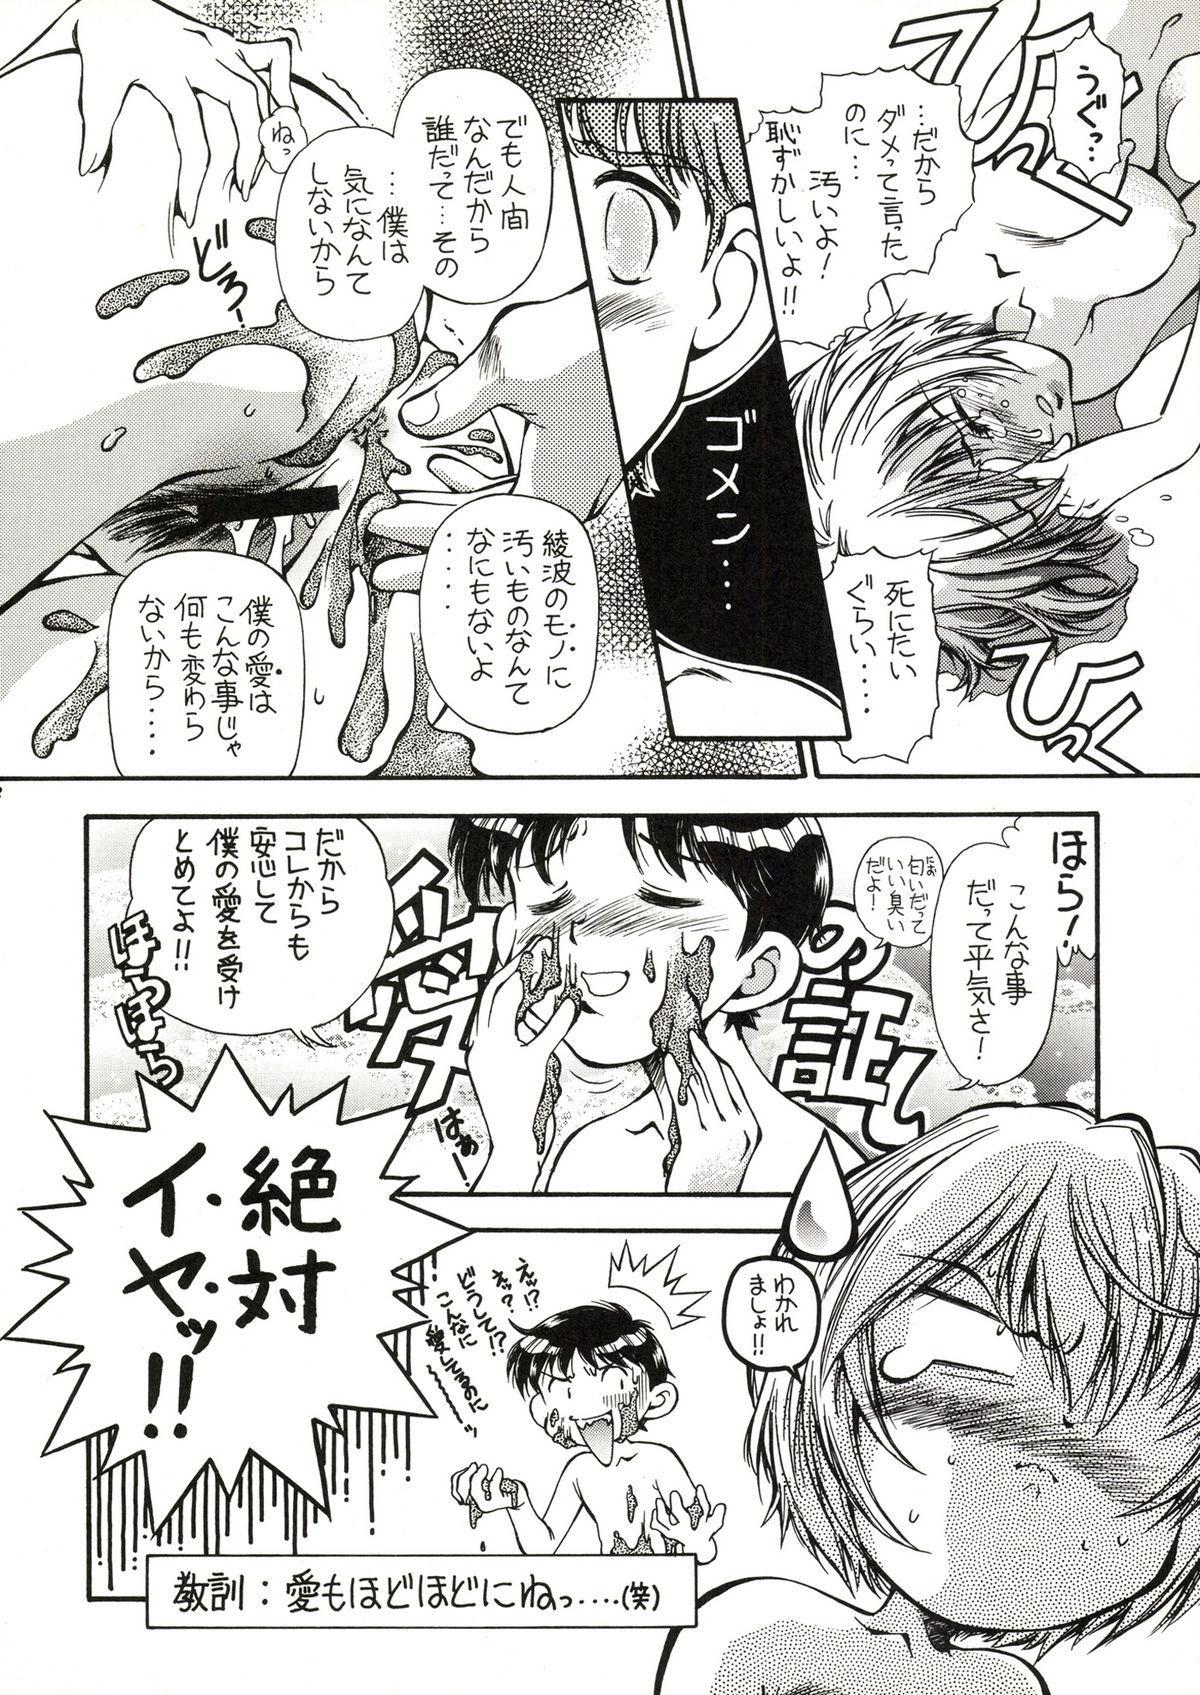 TOKONATSU HEAVEN 51